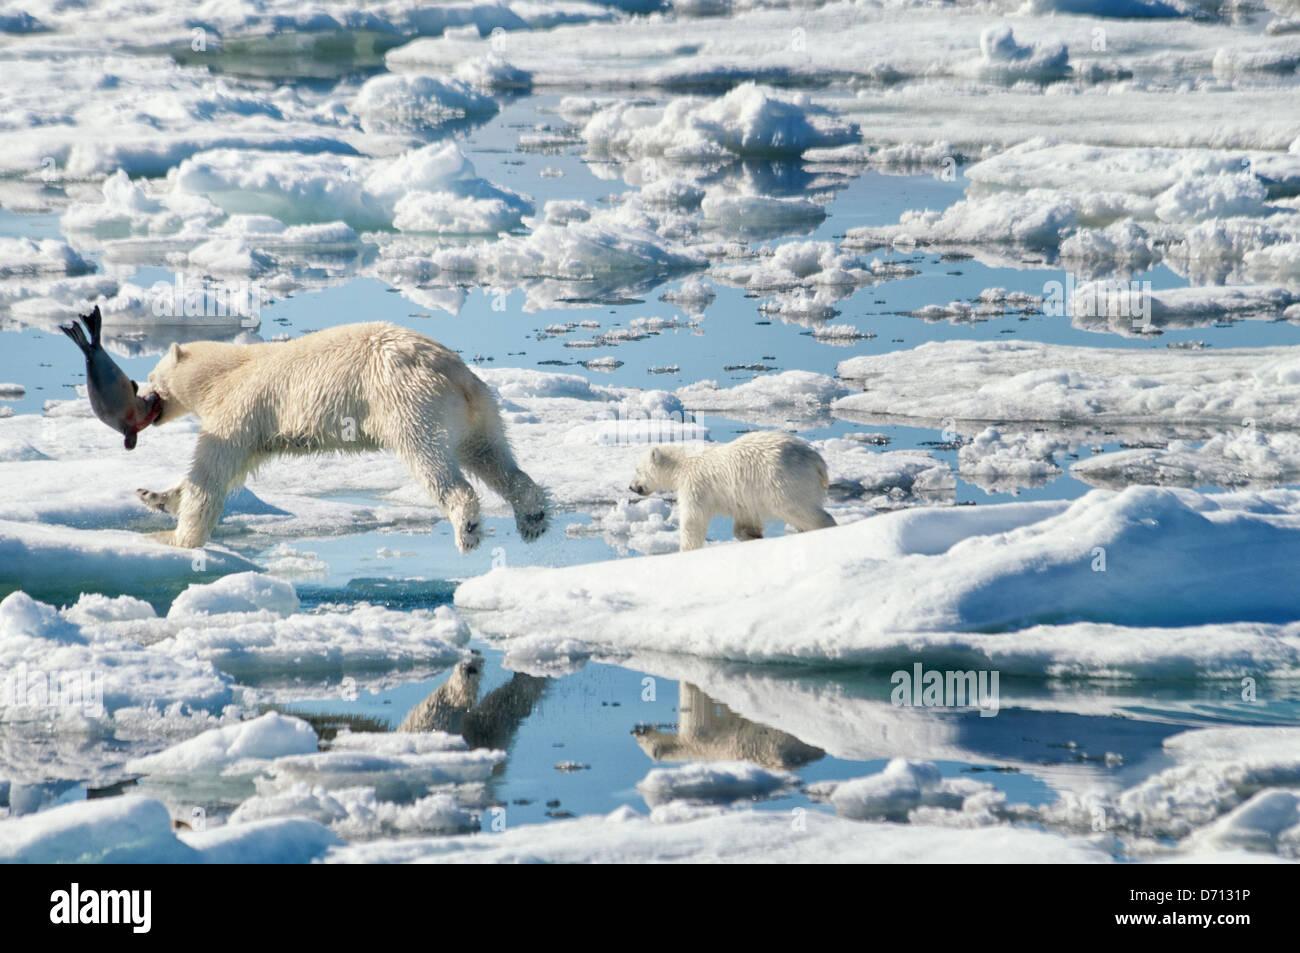 #6 in einer Reihe von Bildern von einer Mutter Eisbär Ursus Maritimus, stalking eine Dichtung zu füttern Stockbild